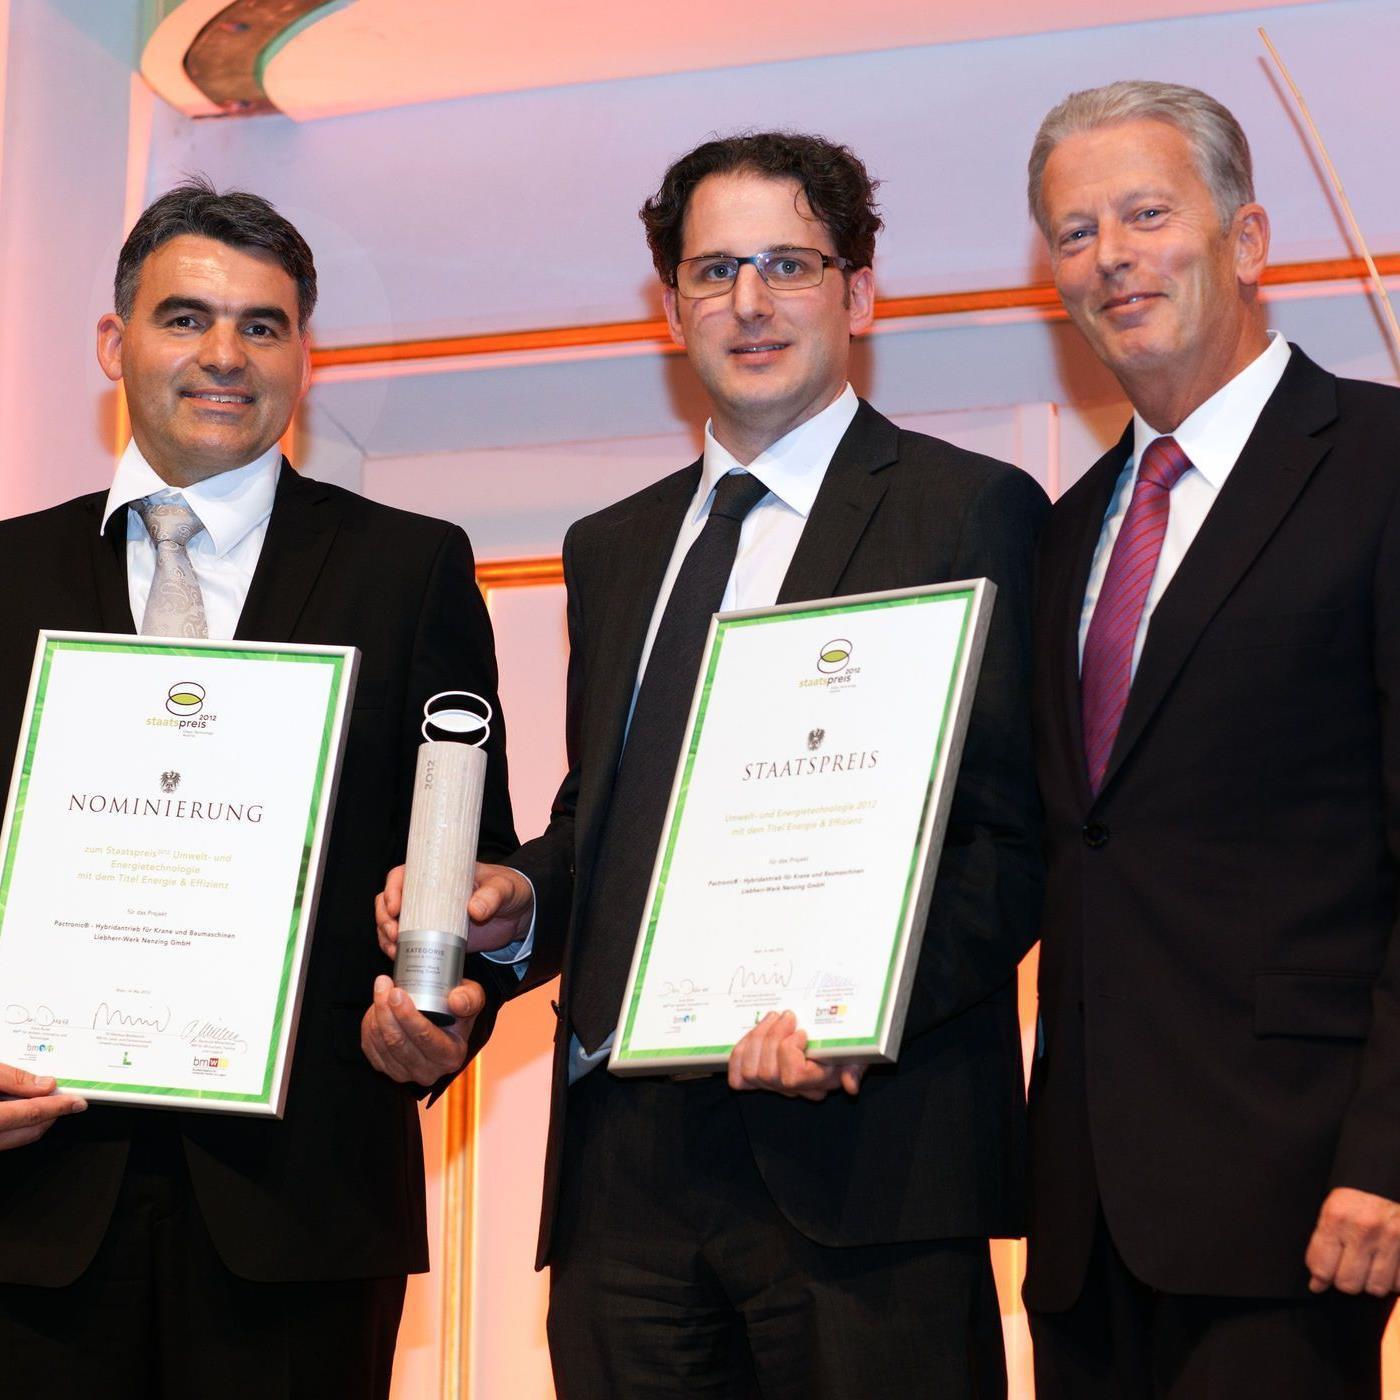 Feierliche Verleihung des Staatspreises für Umwelt und Energietechnologie 2012. Im Bild v.l.n.r.: Dr. Klaus Schneider (Leiter Antriebstechnik), Dr. Reinhard Krappinger (Geschäftsführung Technik), Dr. Reinhold Mitterlehner (Bundesminister)